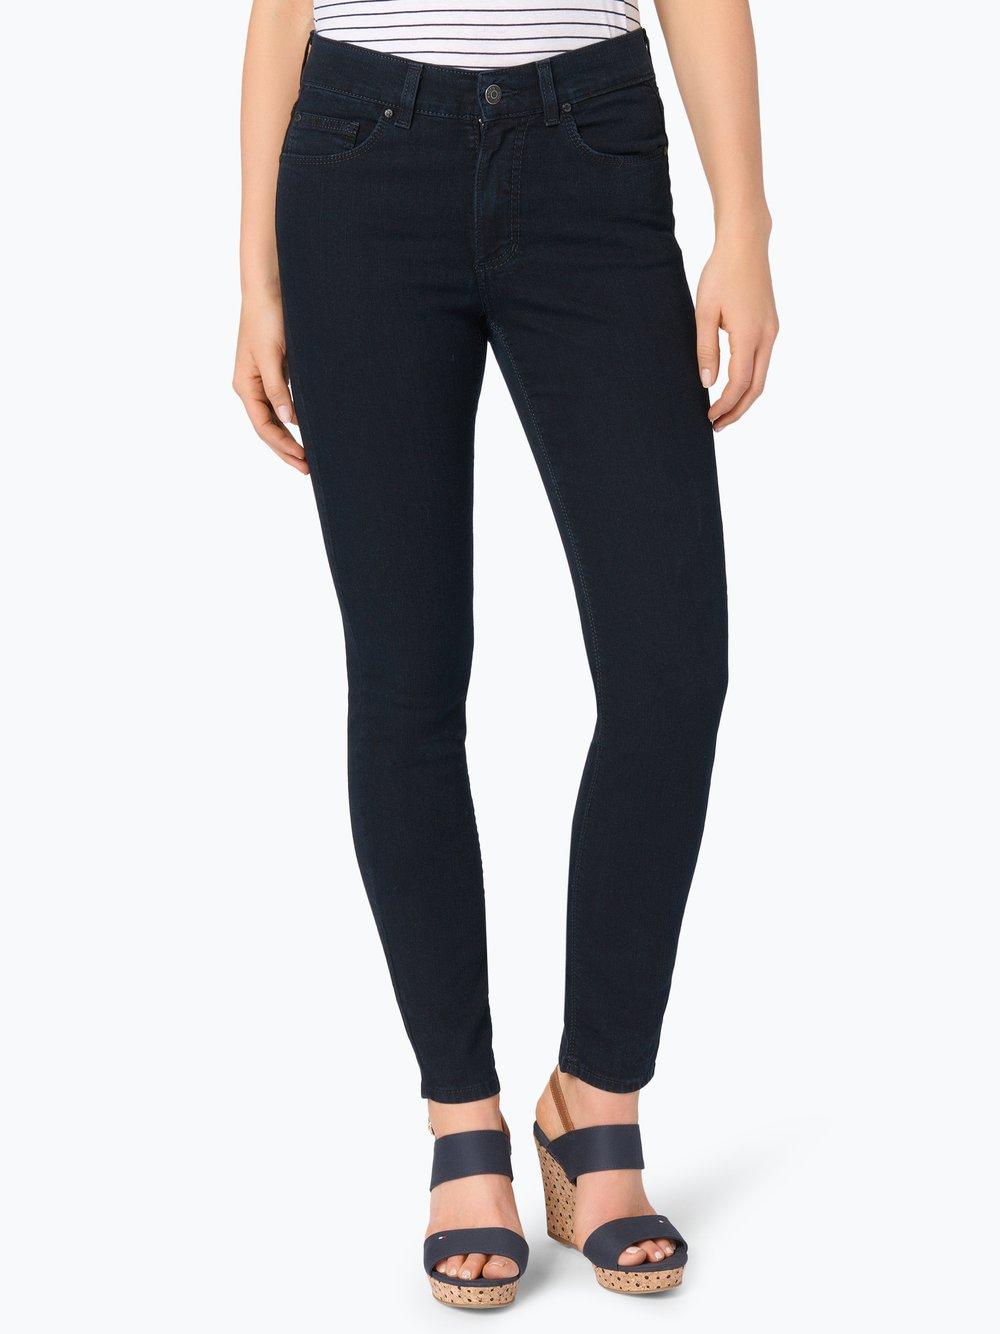 Angels – Jeansy damskie – Skinny z krótkimi nogawkami, niebieski Van Graaf 106422-0002-04228